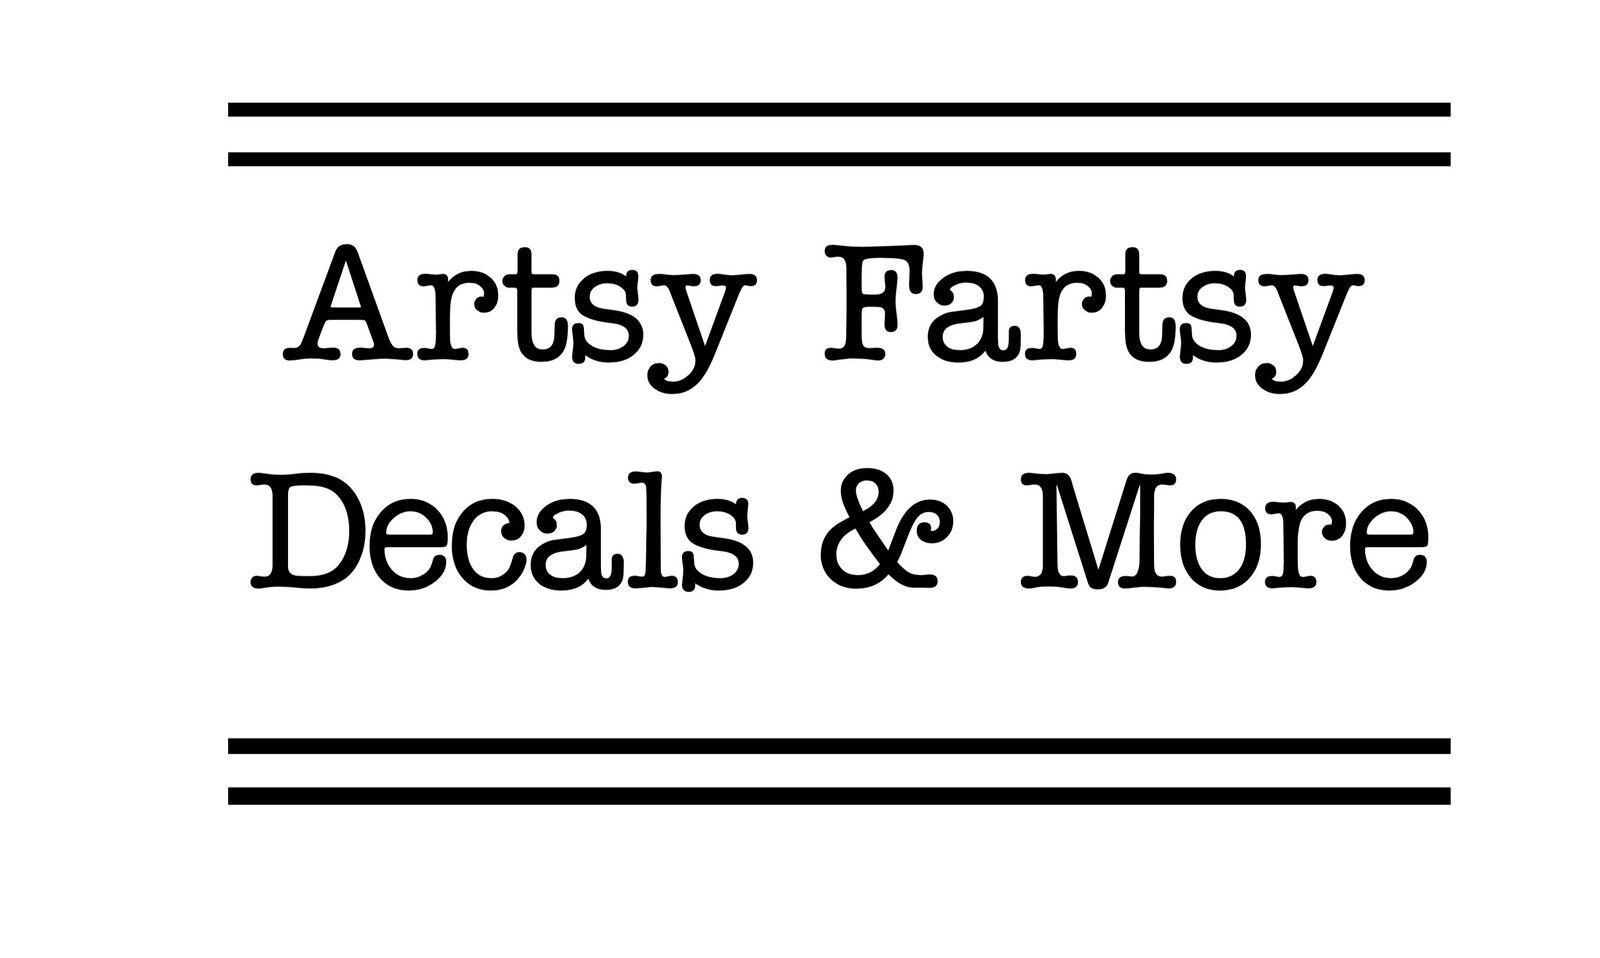 ArtsyFartsy Decals and More